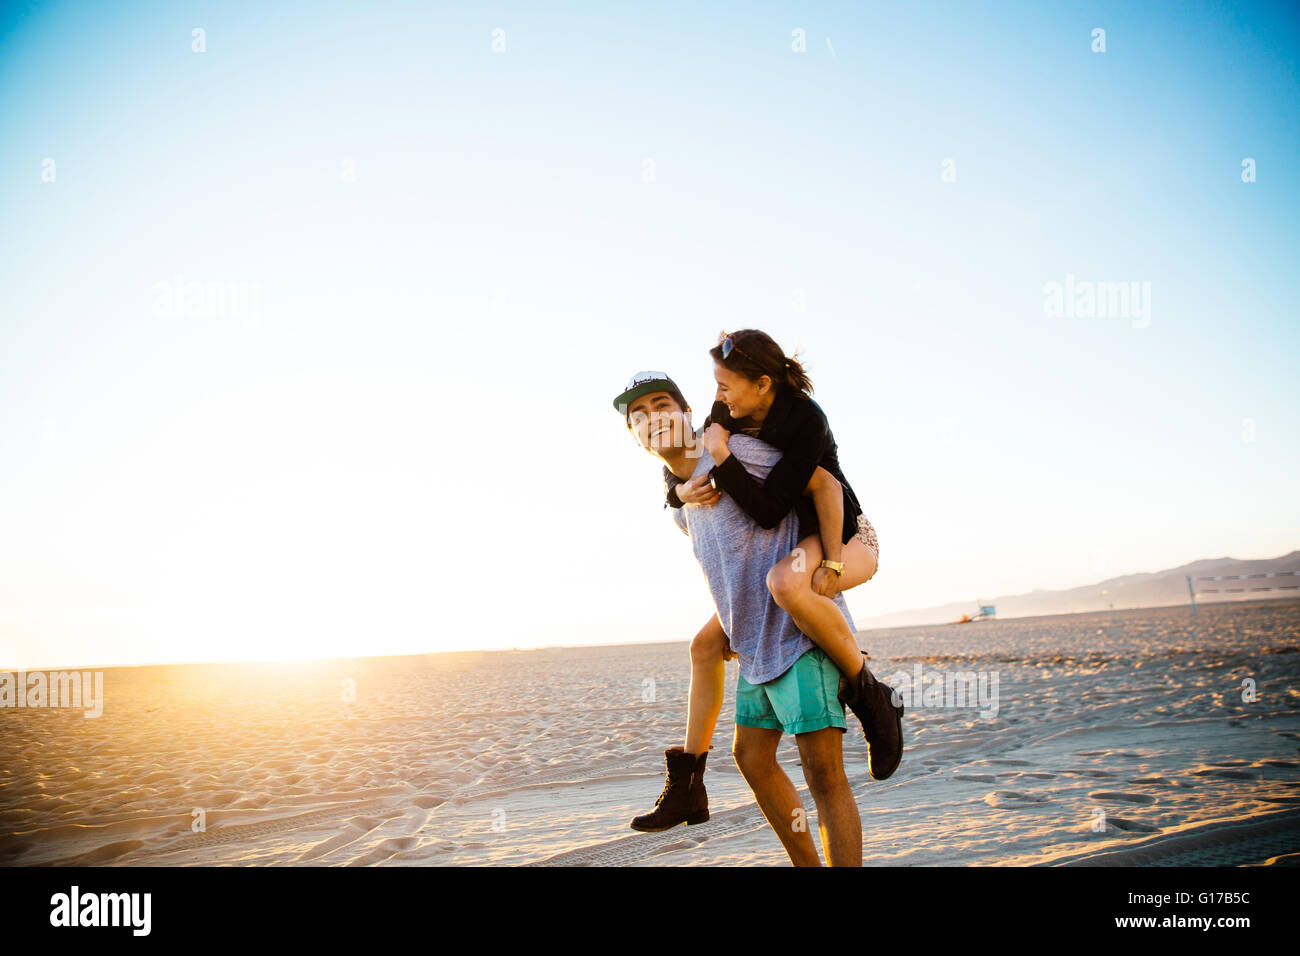 Giovane ragazza dando una piggy back a beach, la Spiaggia di Venice, California, Stati Uniti d'America Immagini Stock